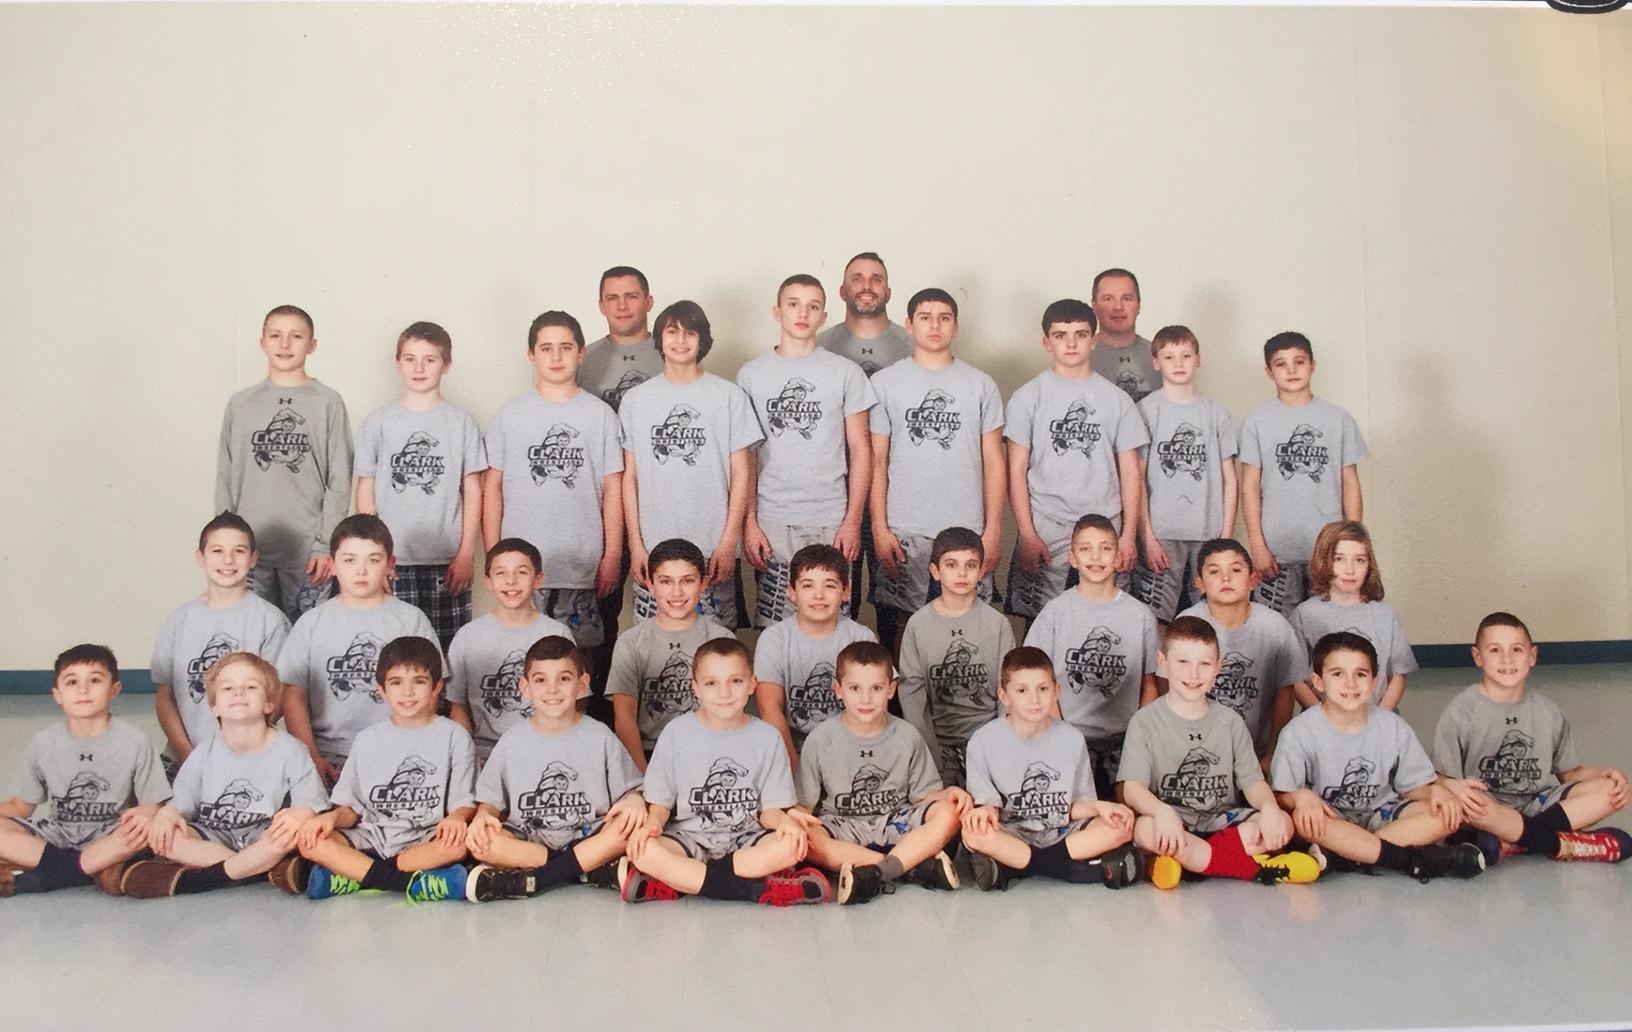 2cf4aa9669ddf068e2fc_Clark_Rec_Wrestling_Team_Photo_2014-2015.png